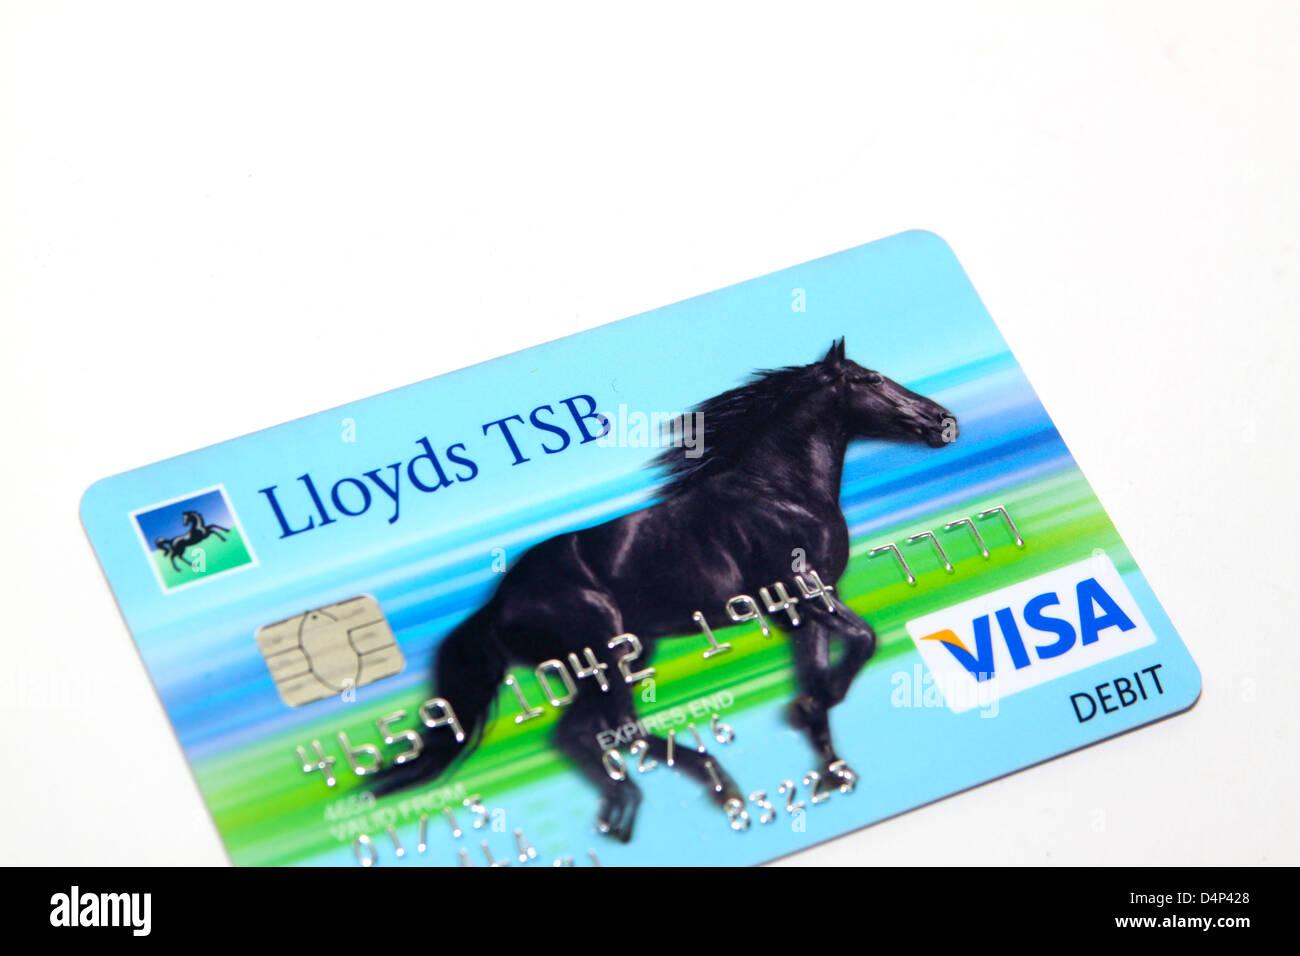 how to buy online using visa debit card